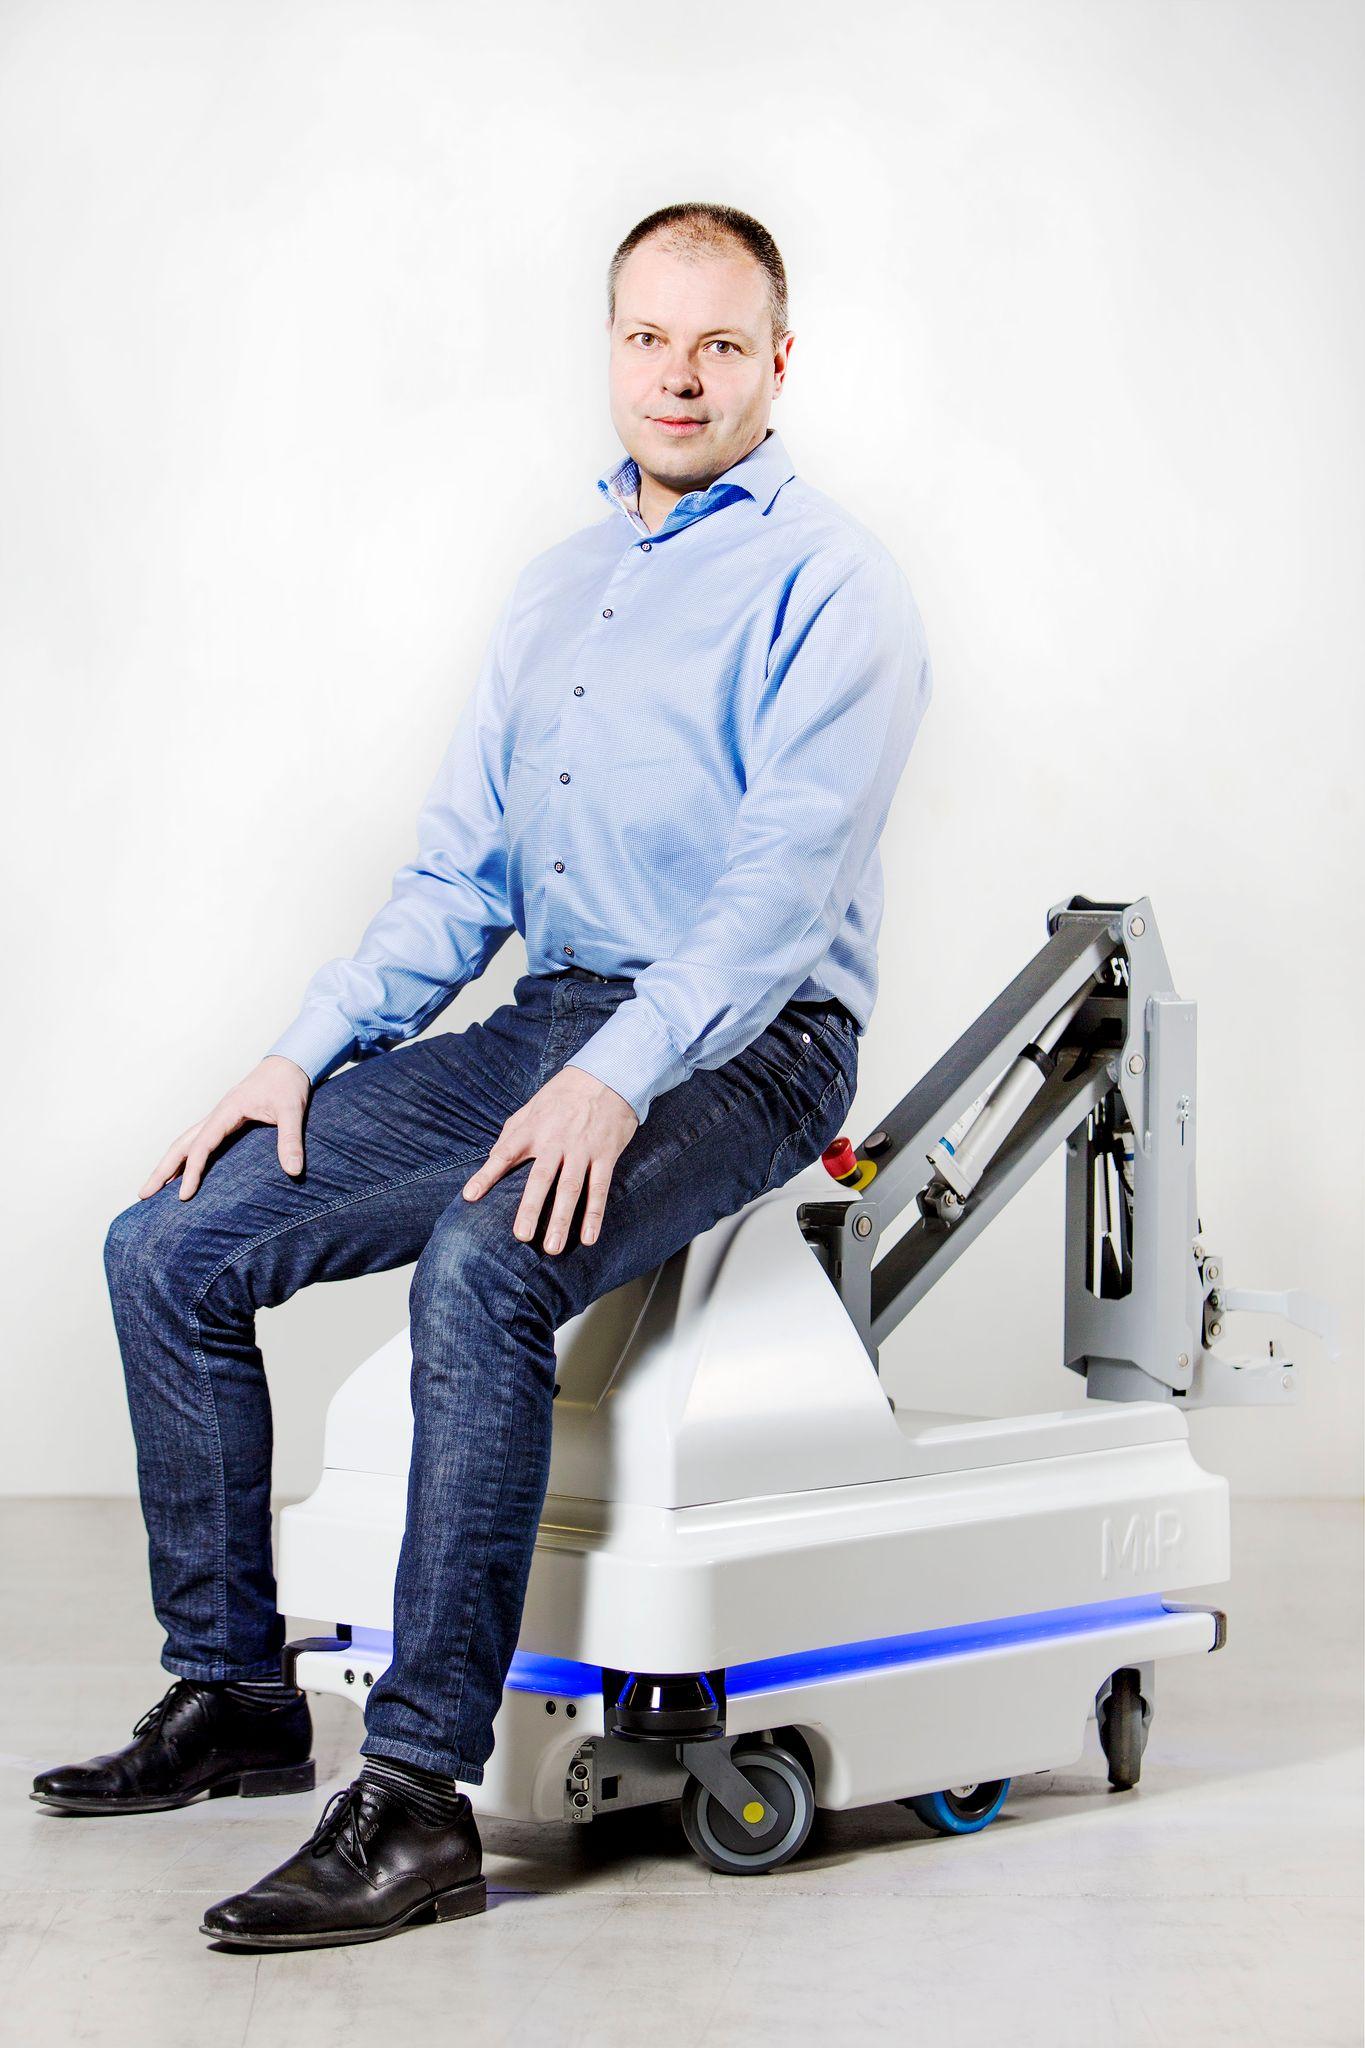 移动机器人先驱MiR迎来新总裁